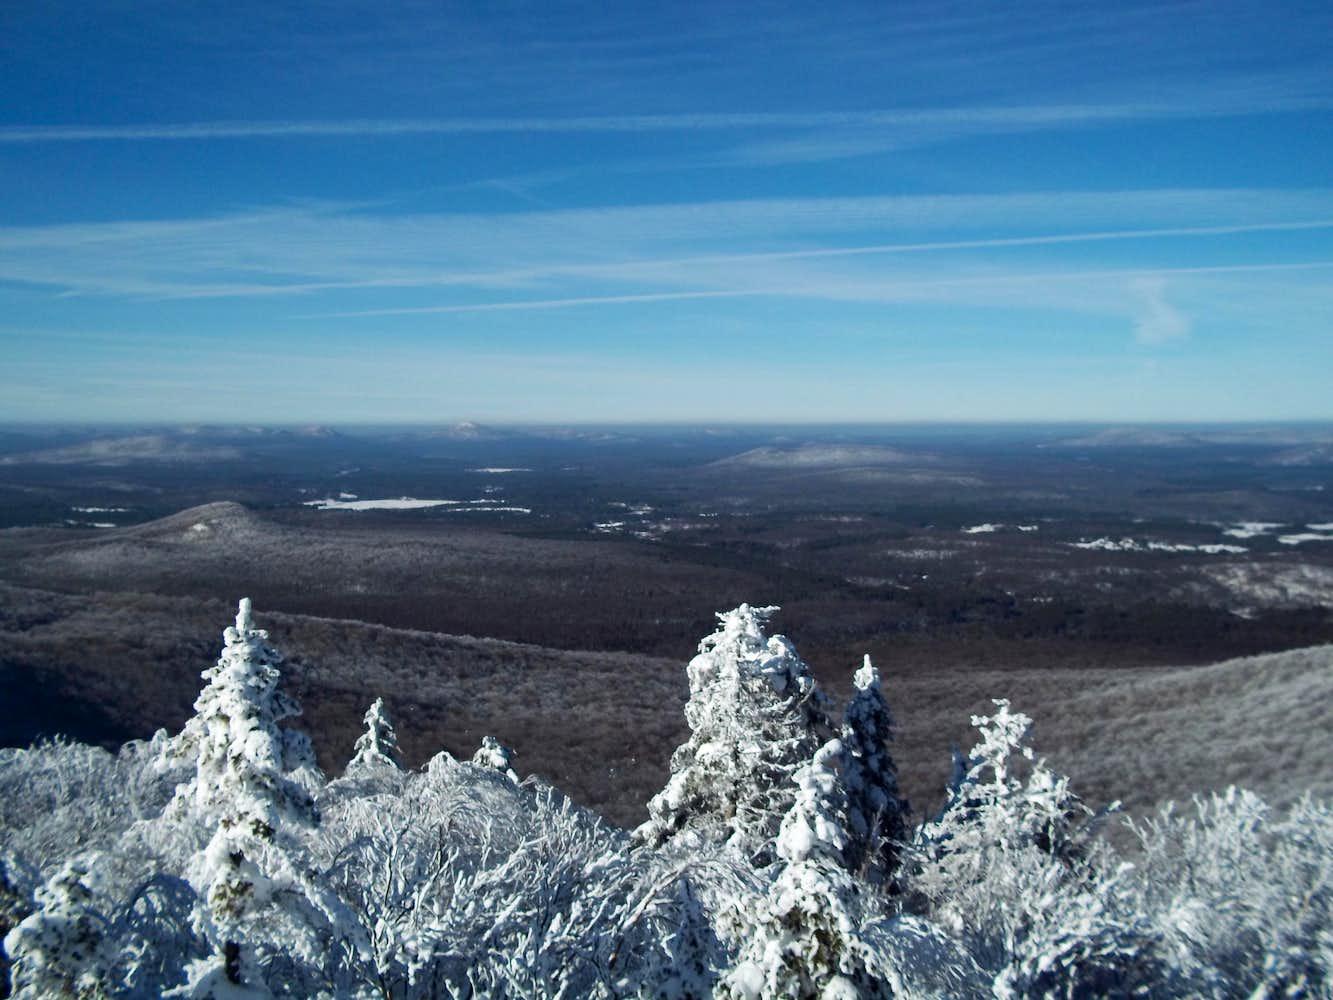 St  Regis Mountain : Photos, Diagrams & Topos : SummitPost